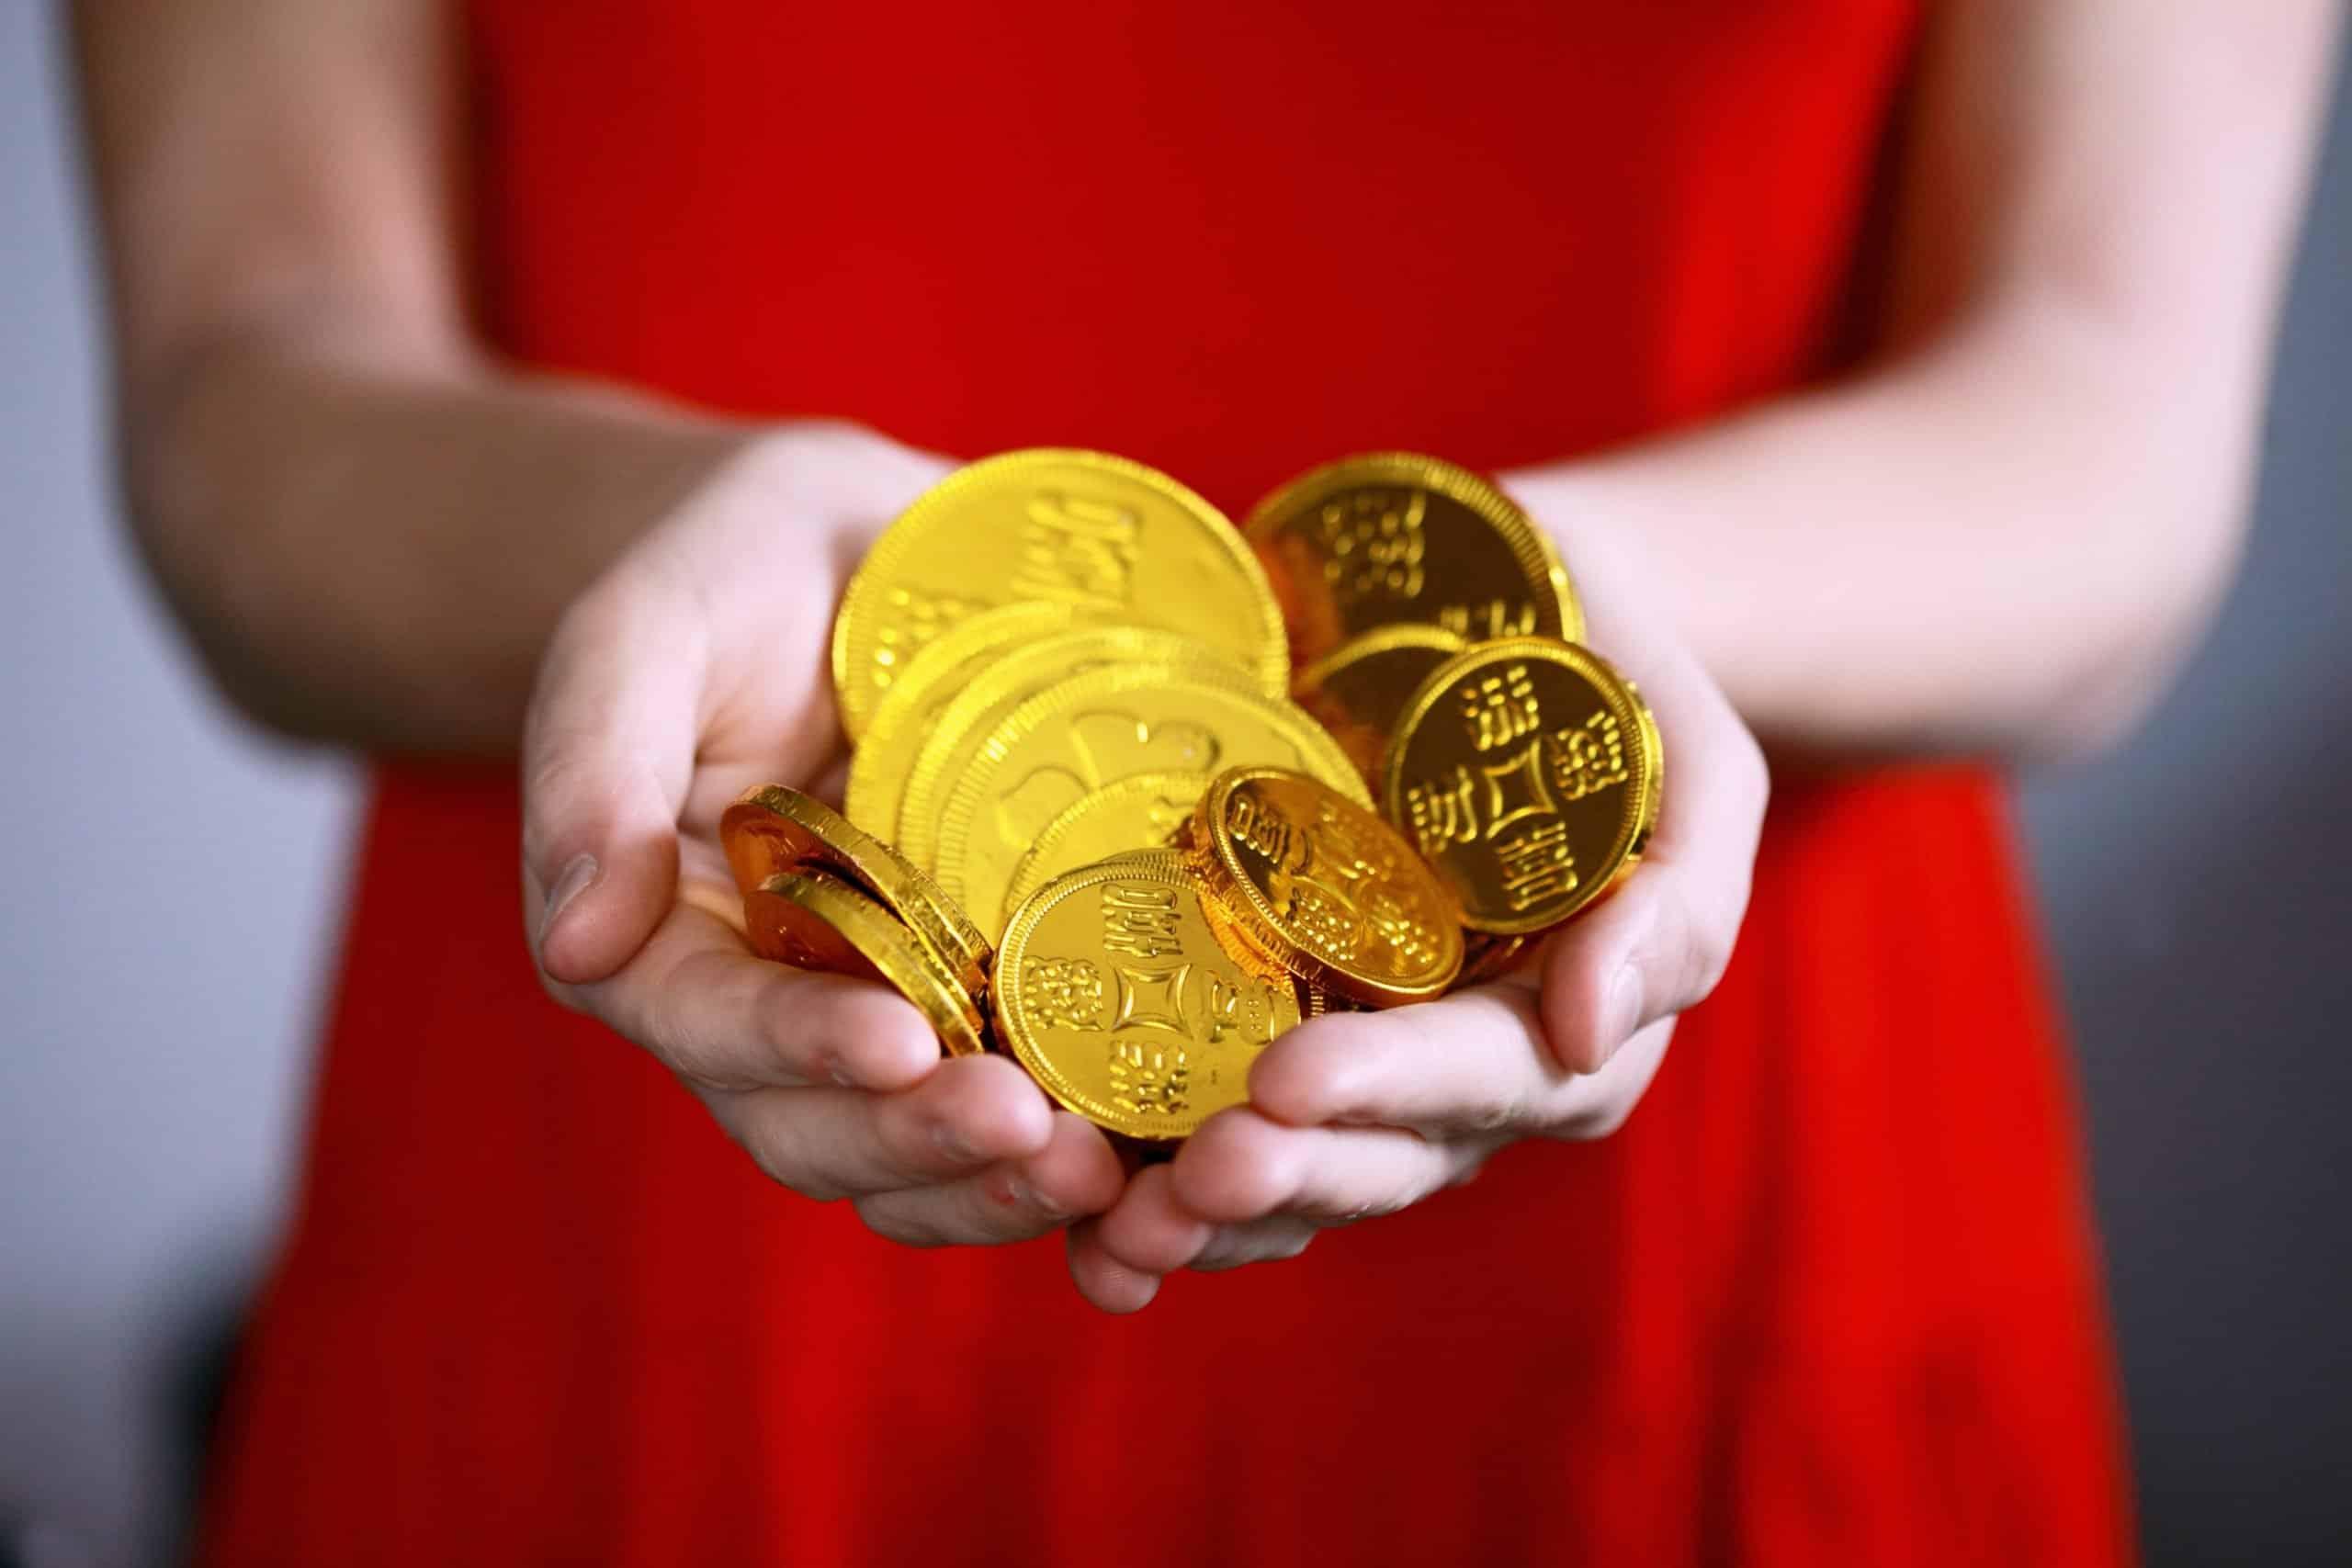 mit kell kereskedni, hogy pénzt keressen)